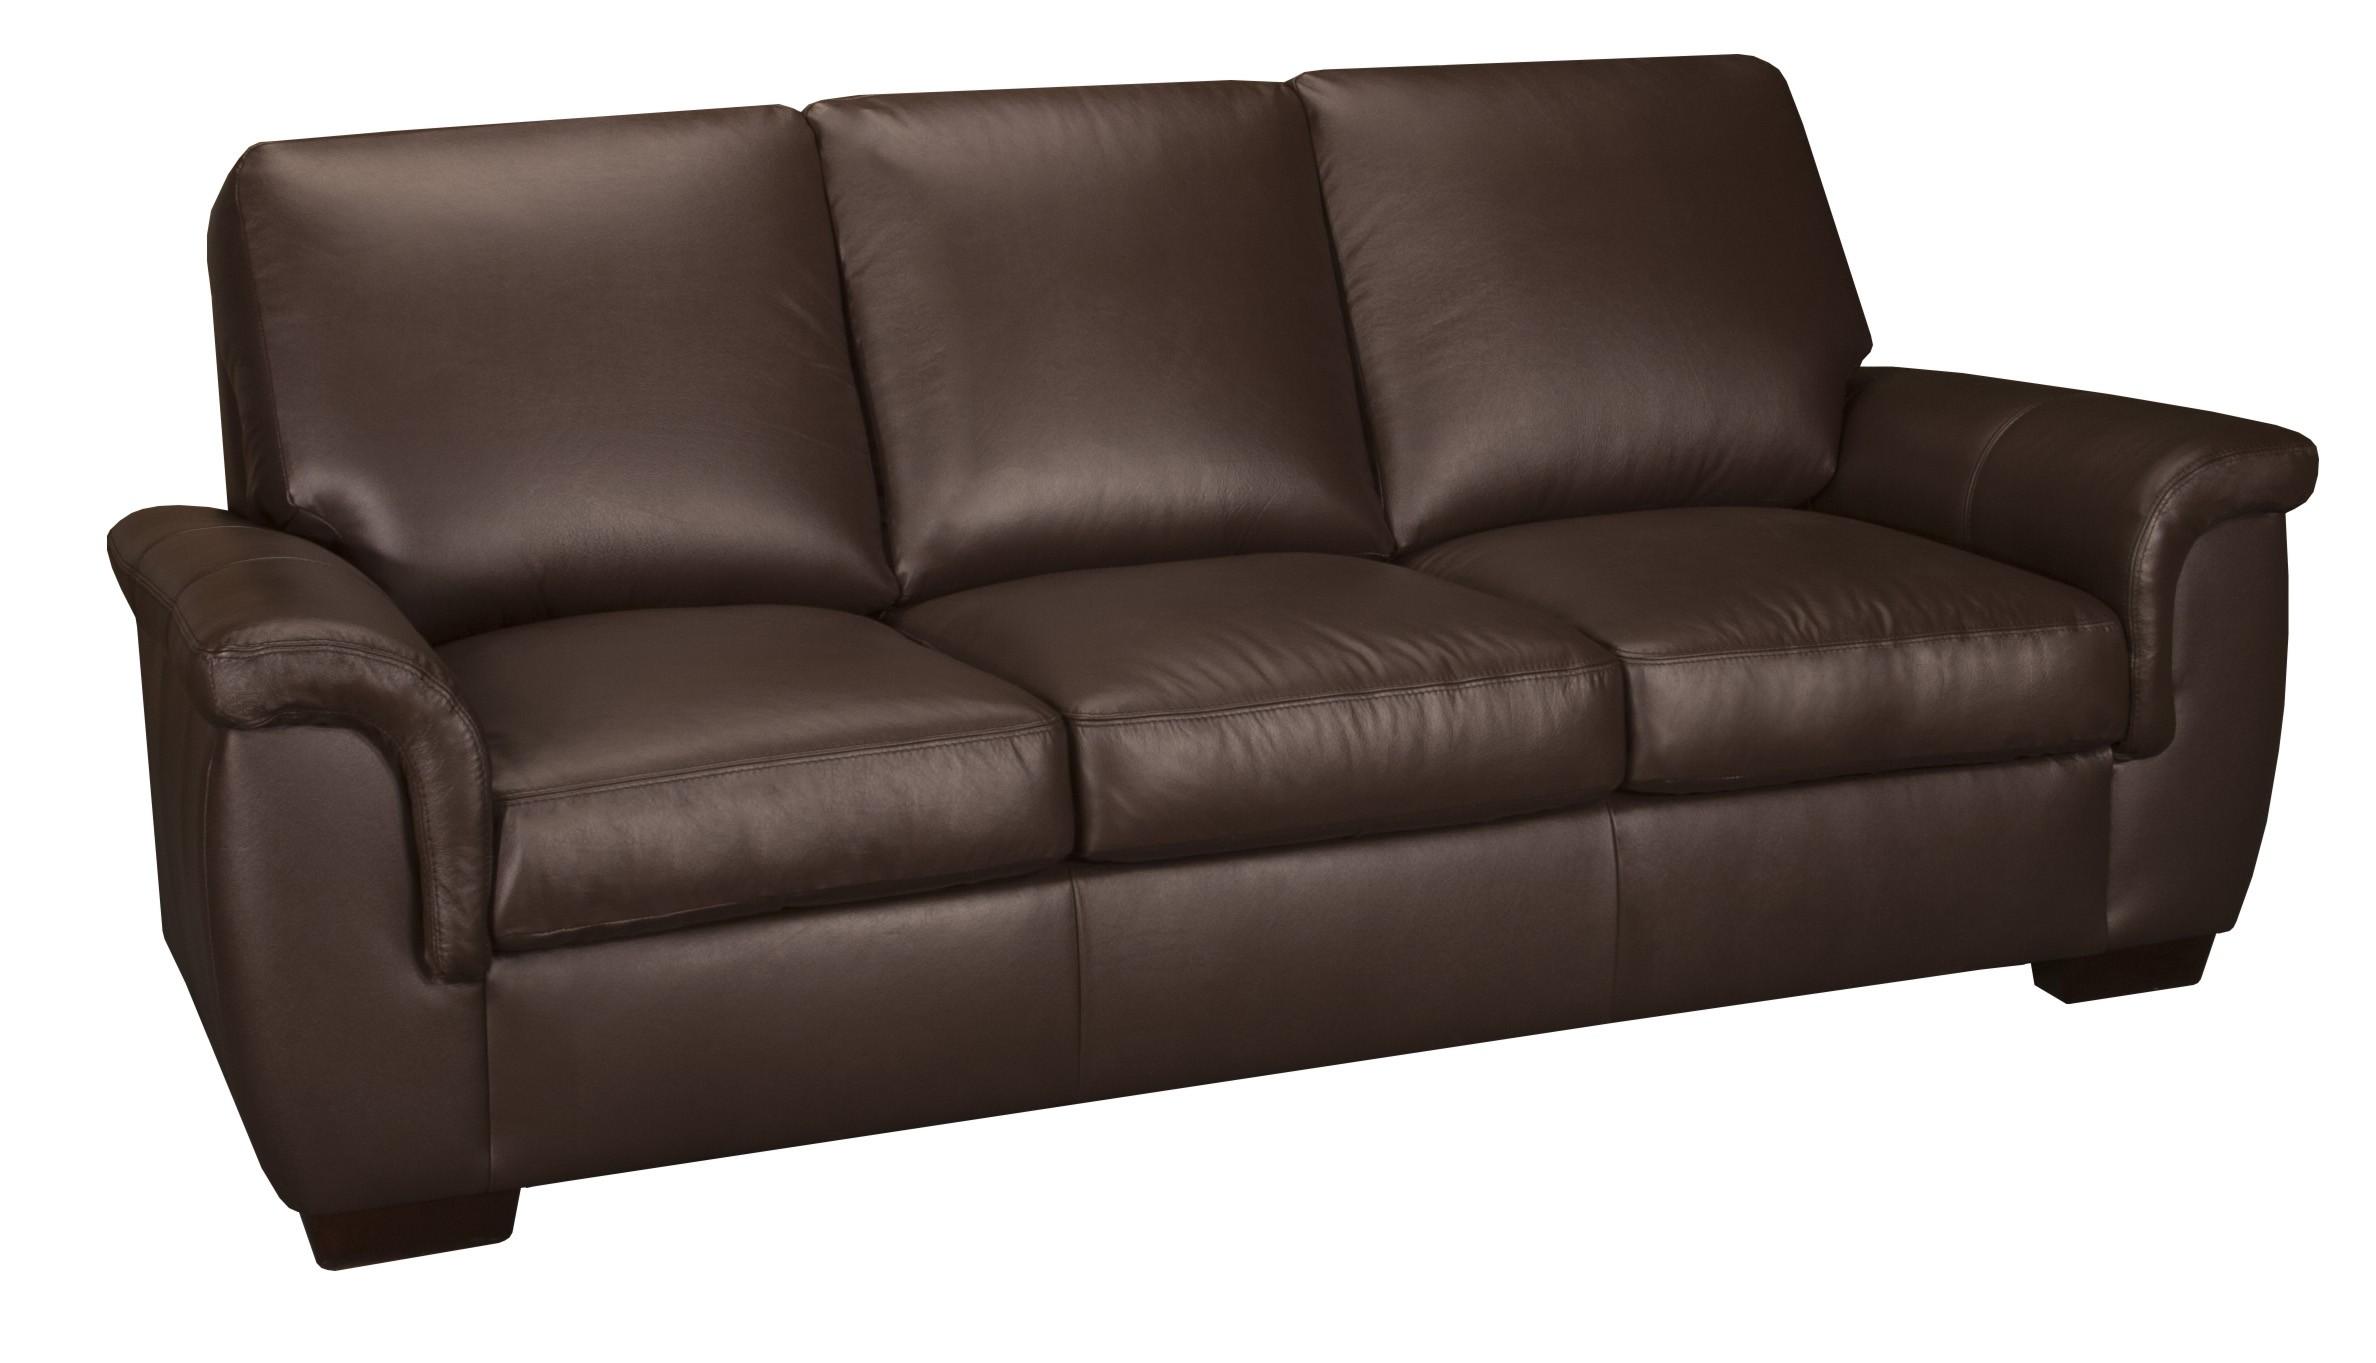 Elegant Sofa Furniture